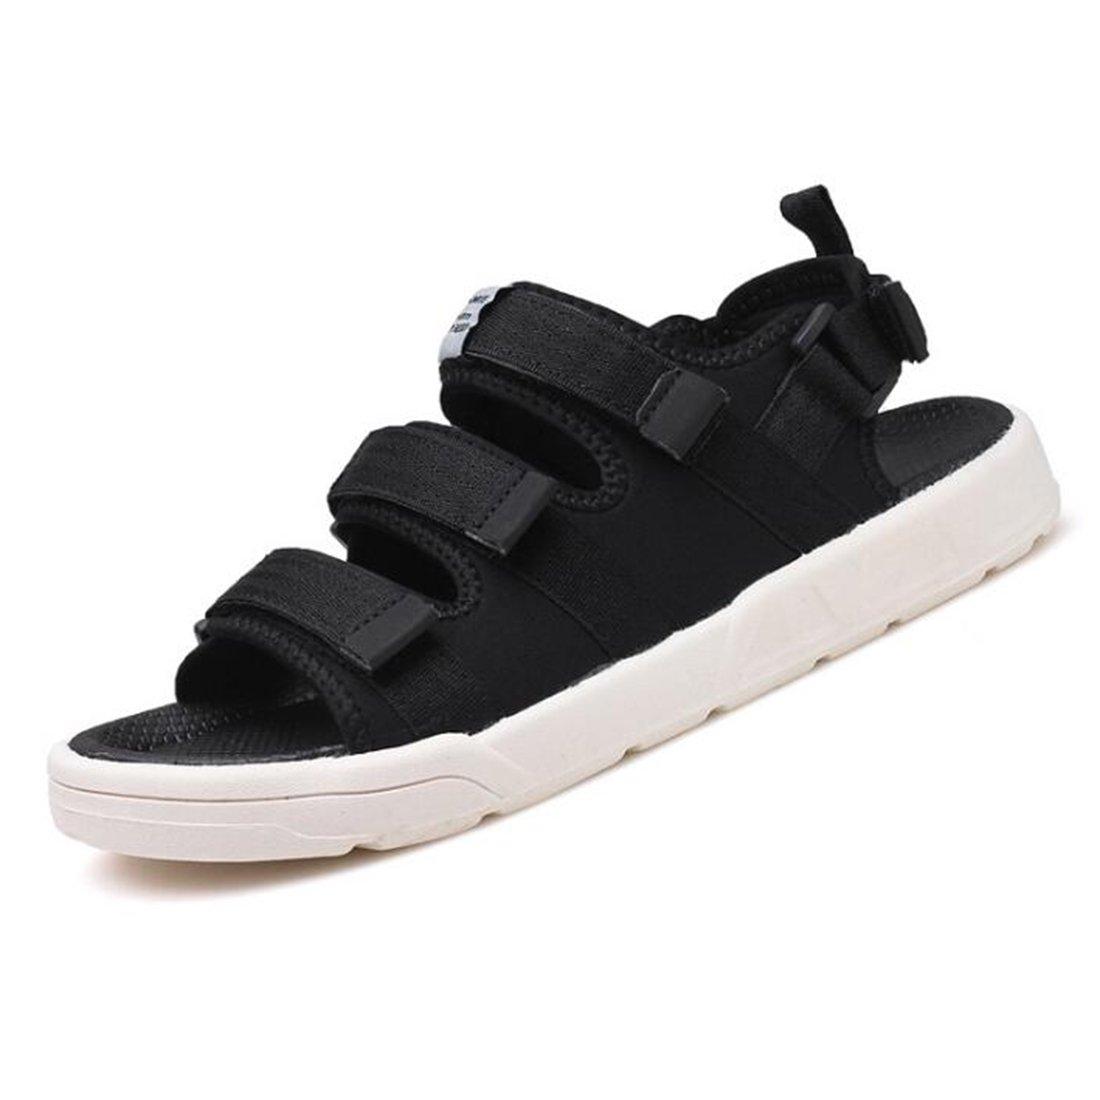 Herren Sommer Sandalen Mode Trends Sandalen Outdoor Komfort Strandschuhe Black